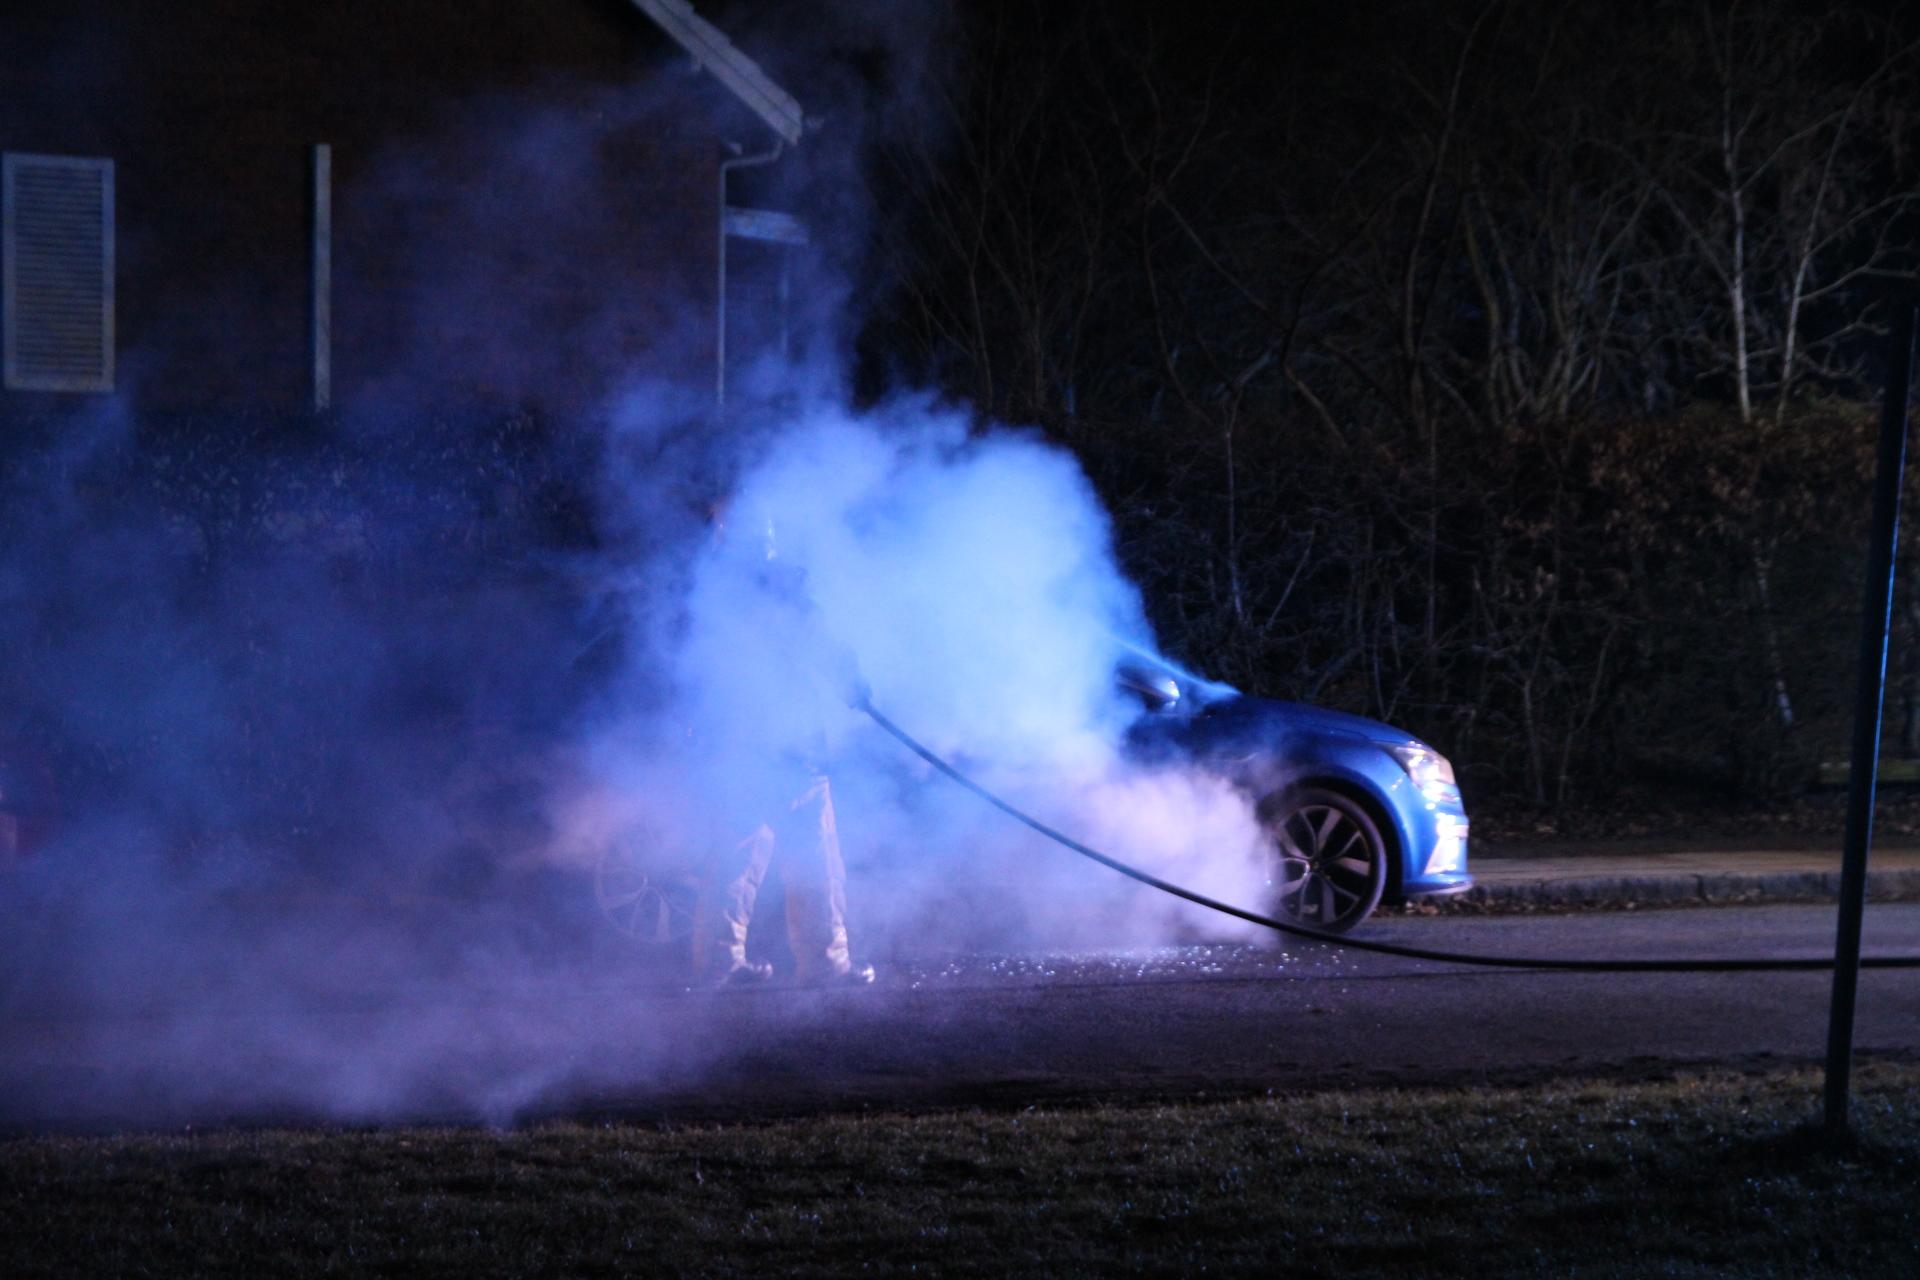 Endnu en bilbrand i København - Politiet tilstede med hunde